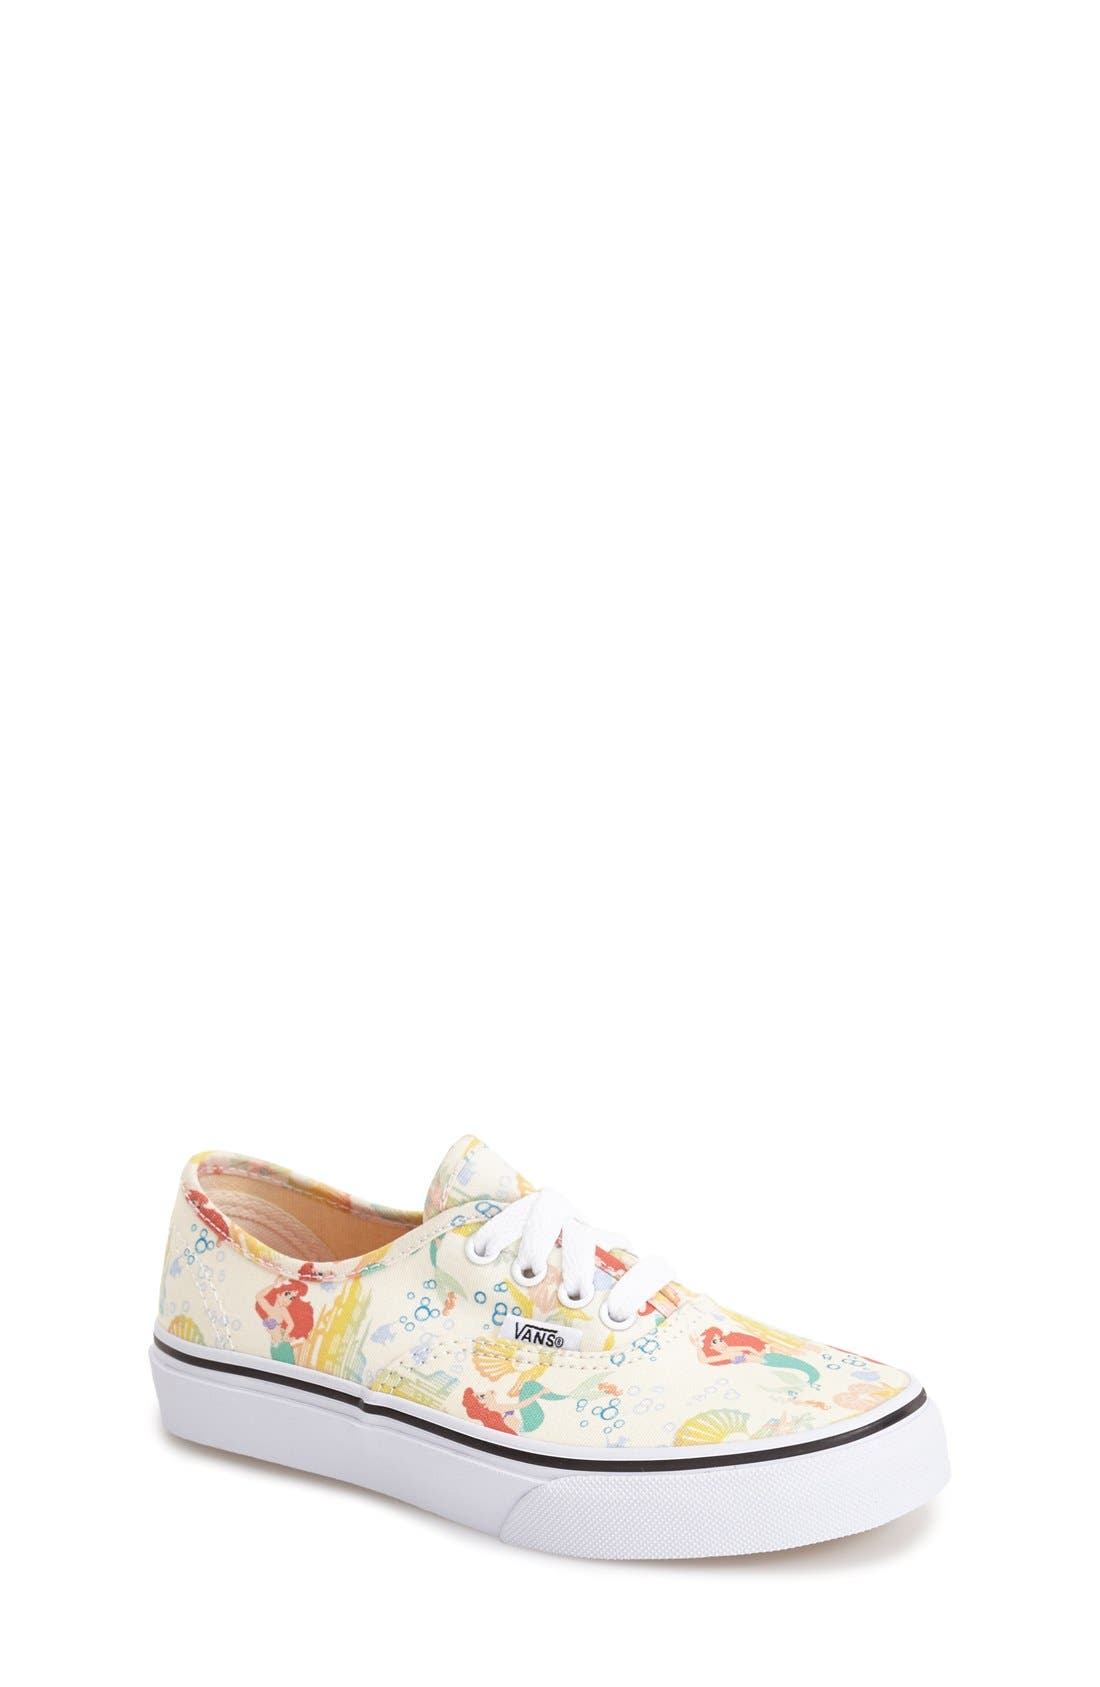 'Authentic - Disney<sup>®</sup> Ariel' Sneaker, Main, color, 100